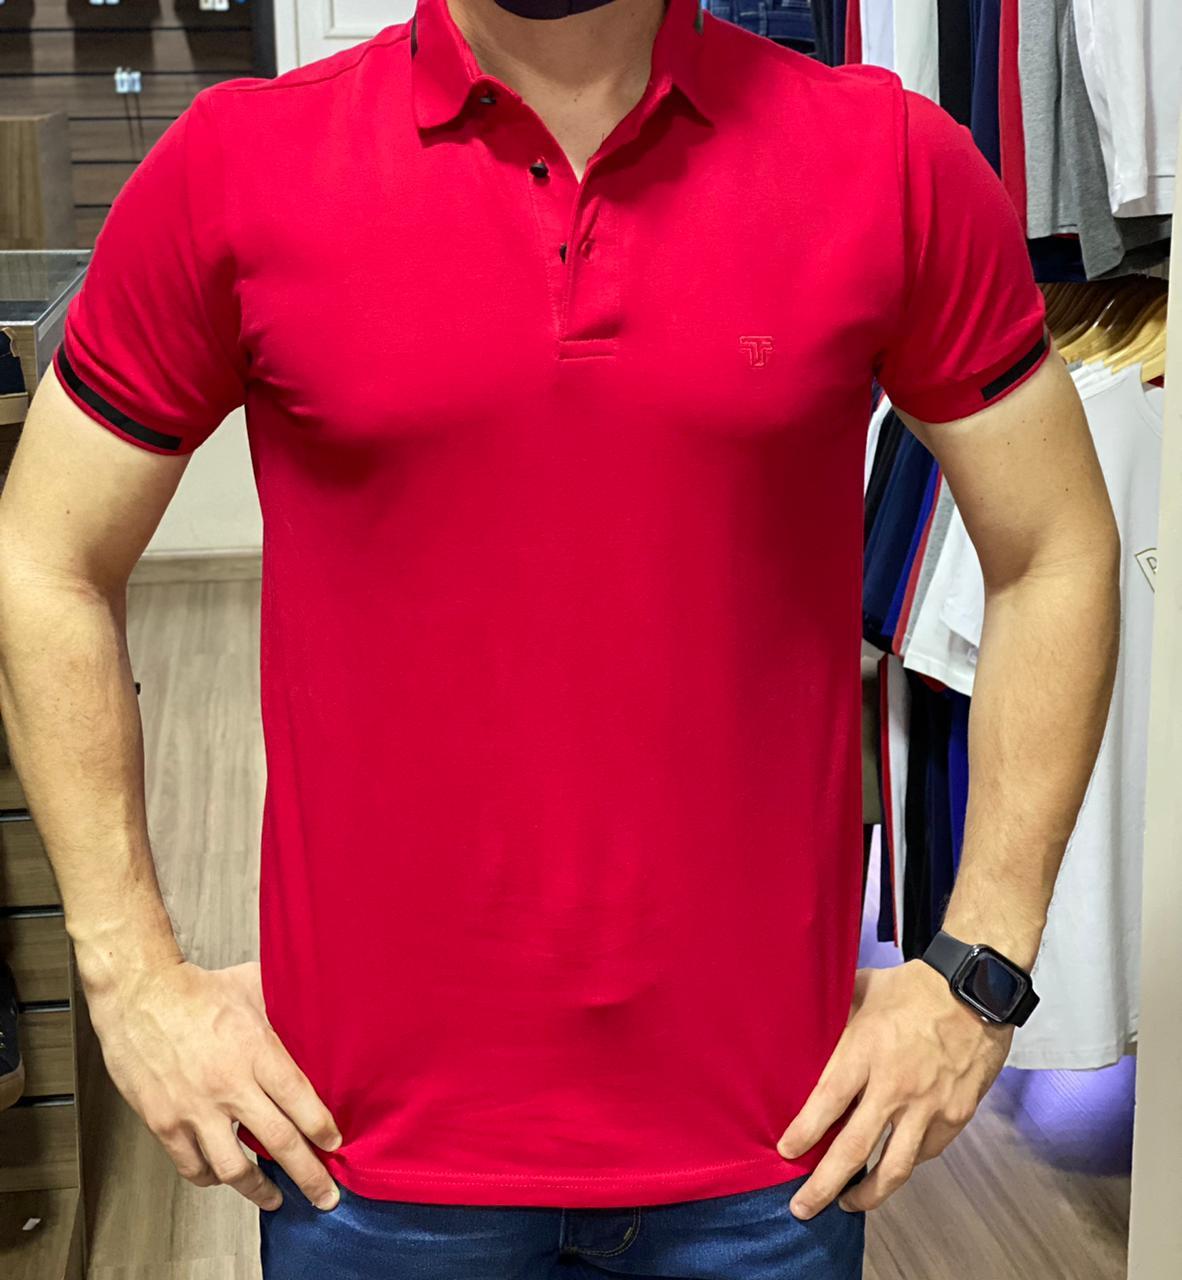 Camiseta Masculina Tflow Gola Polo Algodão Lisa - Vermelho Escuro